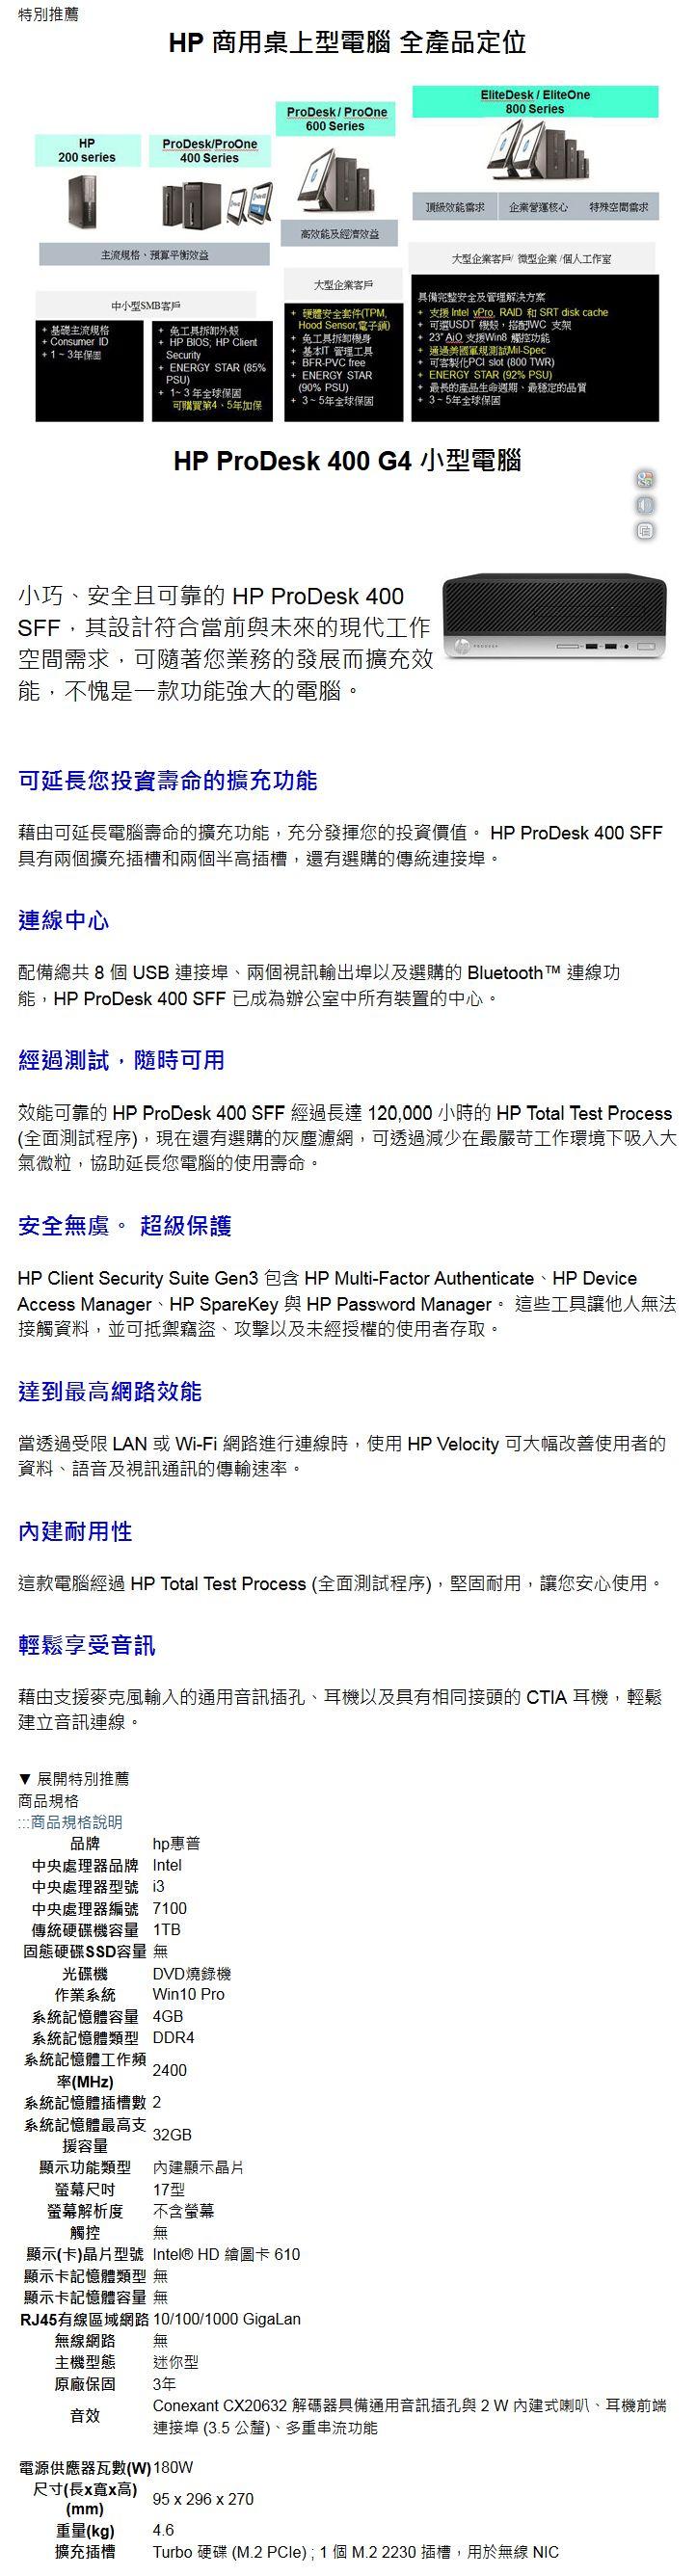 熱門開箱推薦HP ProDesk 400 G4 SFF 1UM32PA 小型商用電腦400SFFG4 ( i3